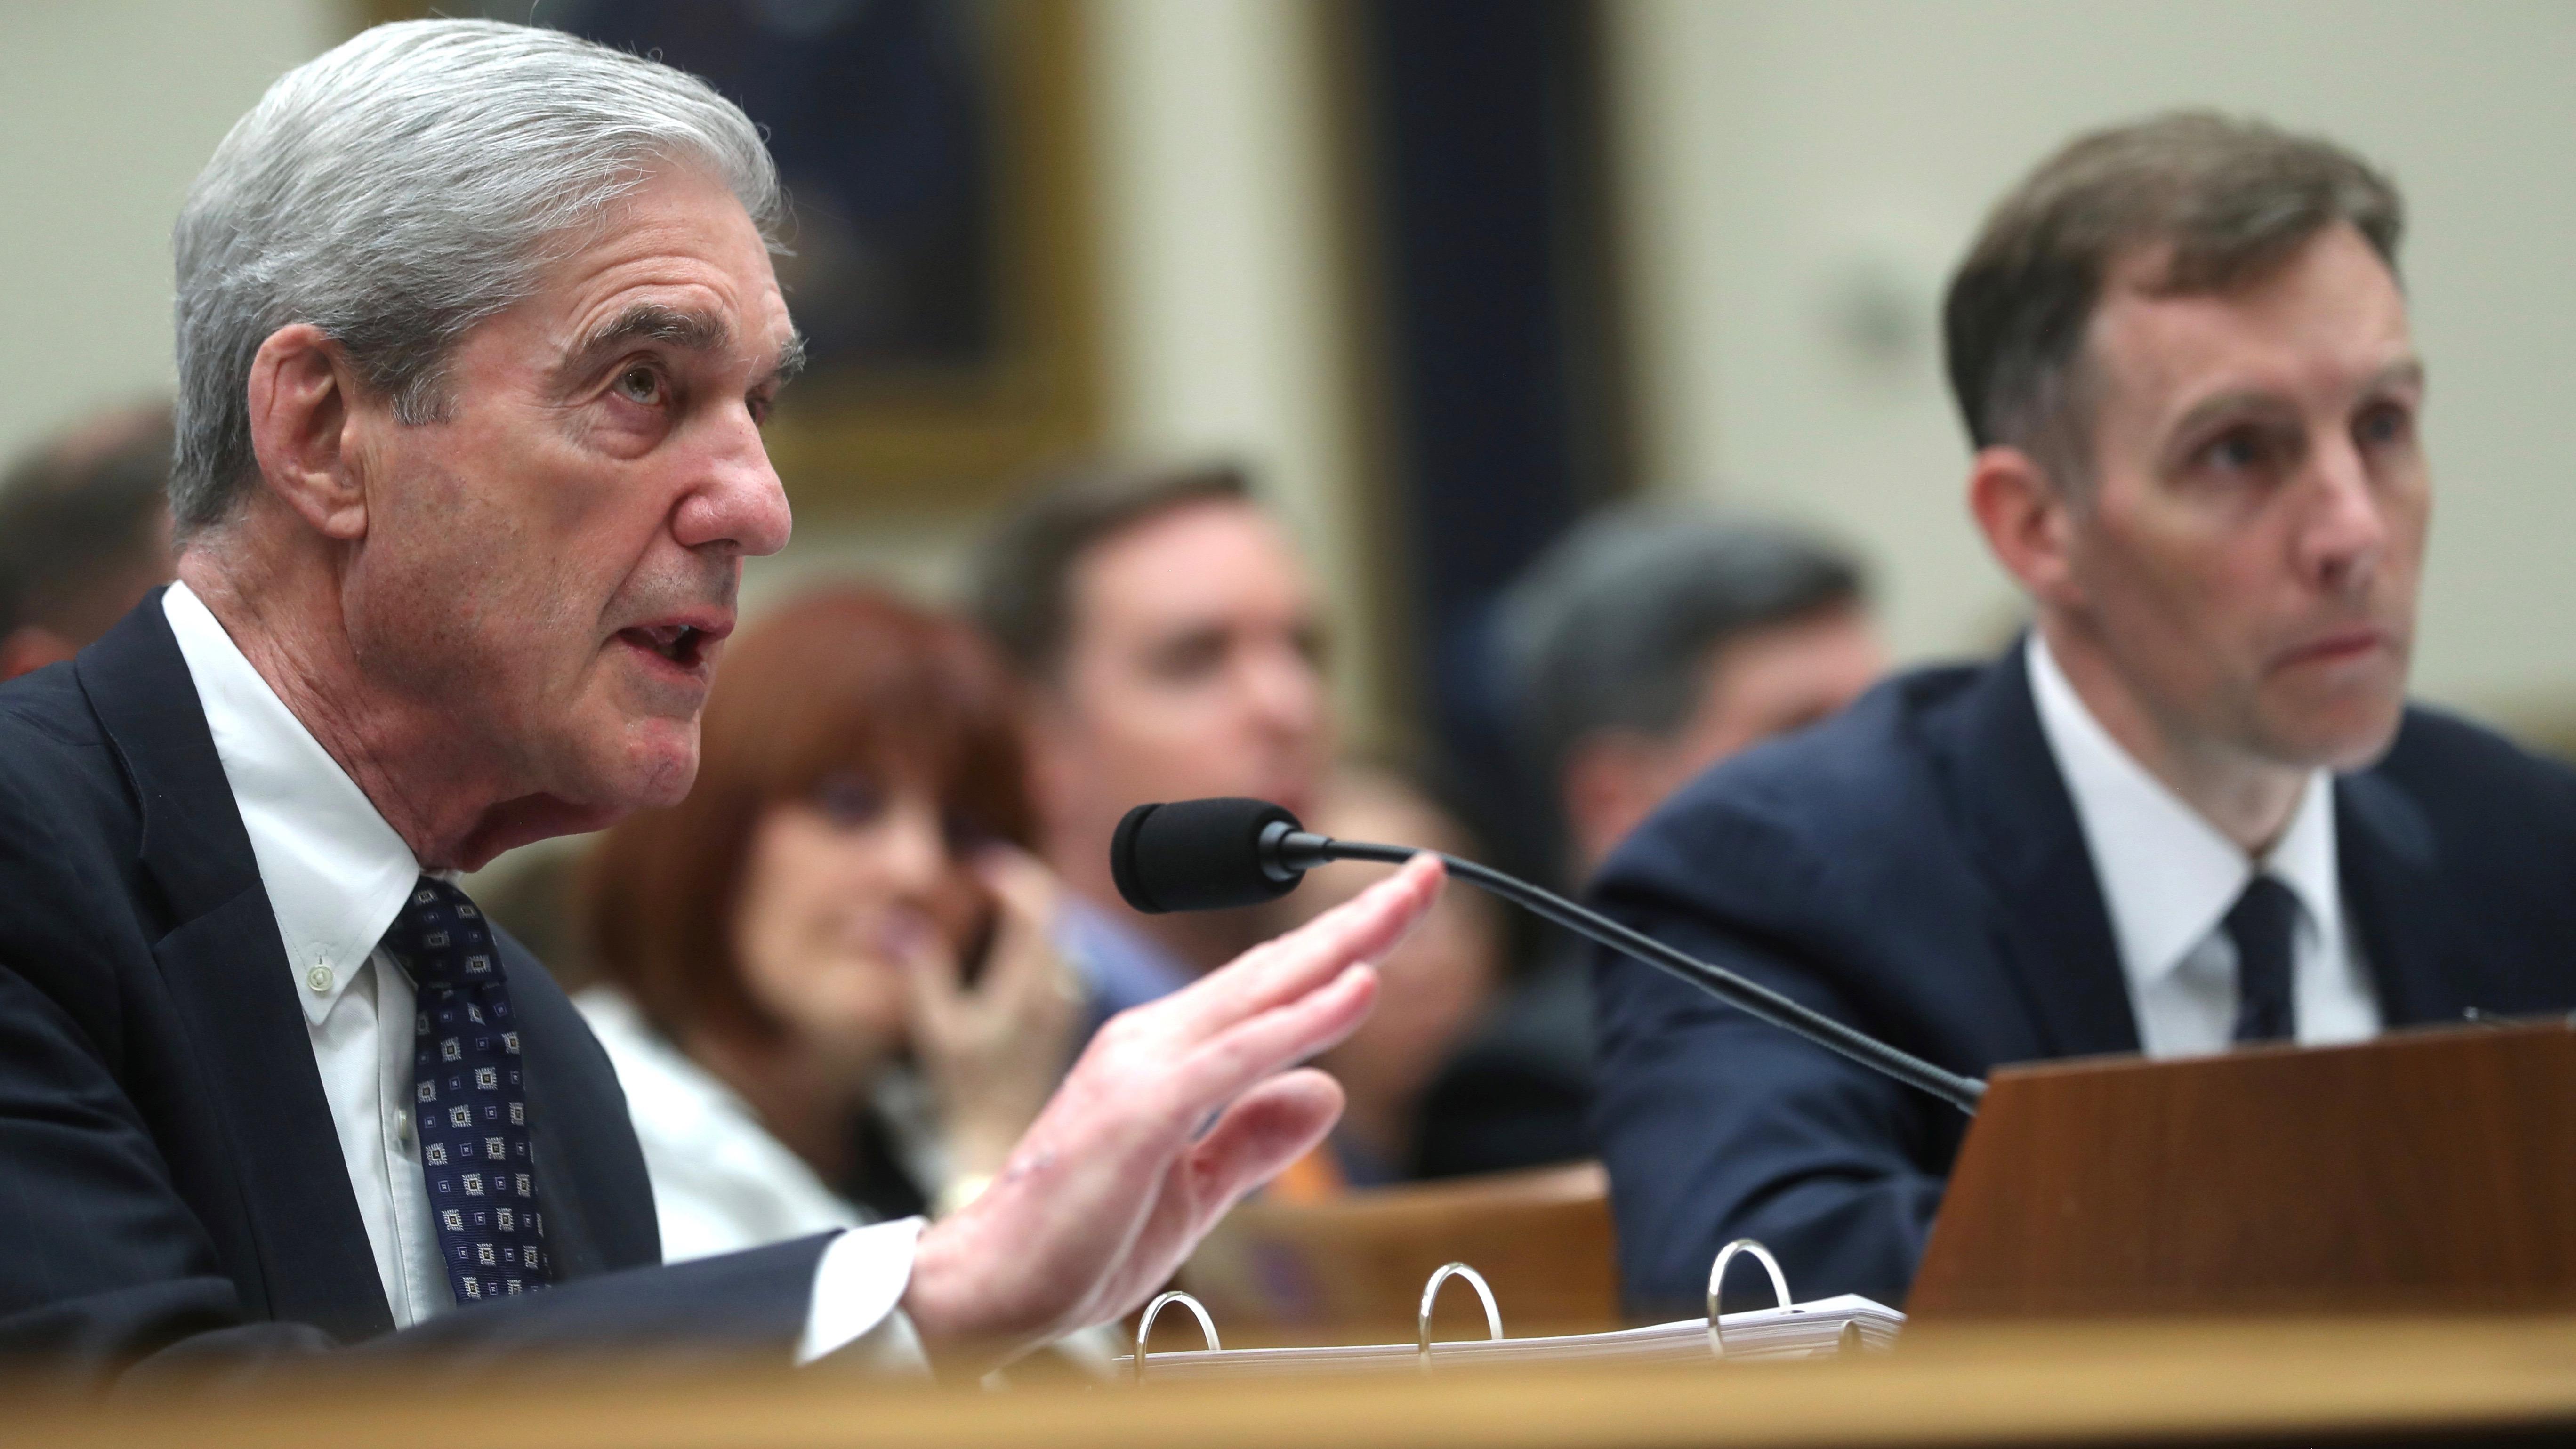 Robert Mueller testifies before a House committee